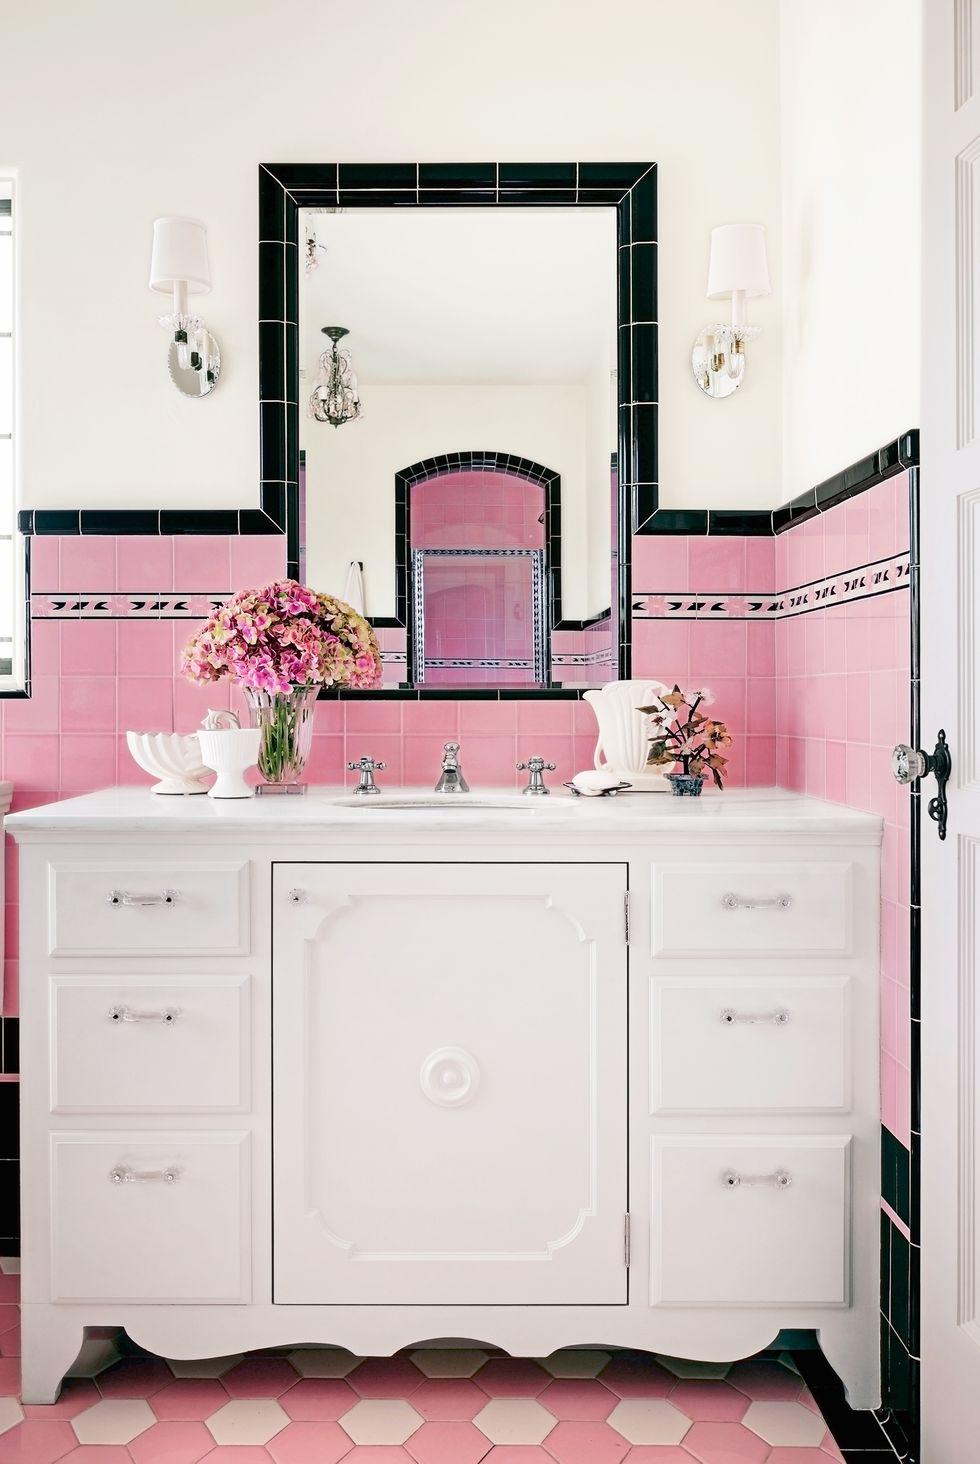 ροζ μπάνια